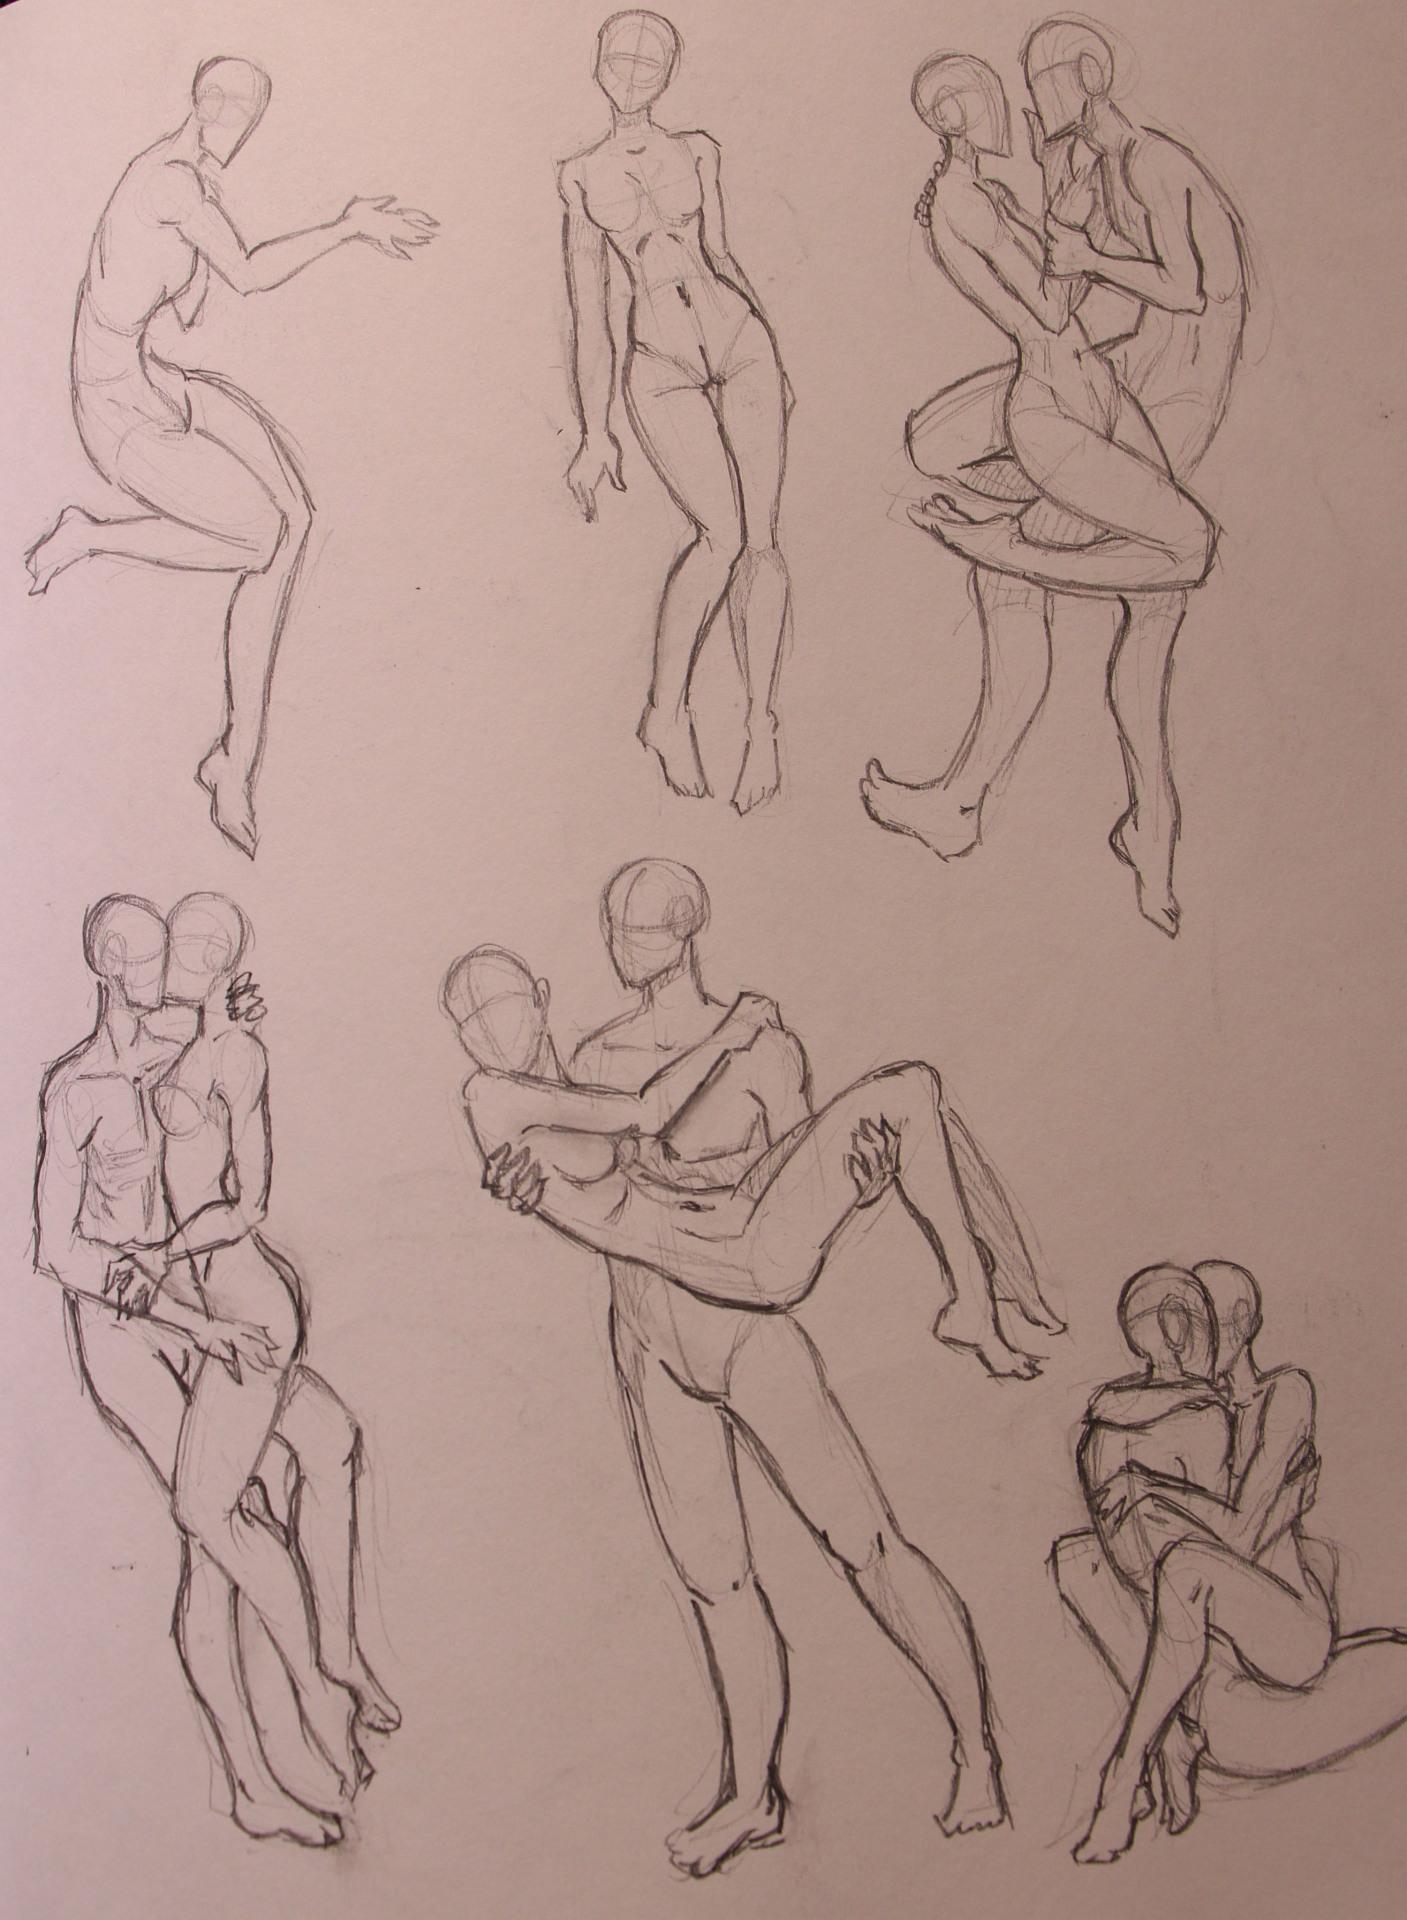 Anatomy Study - Couple Poses